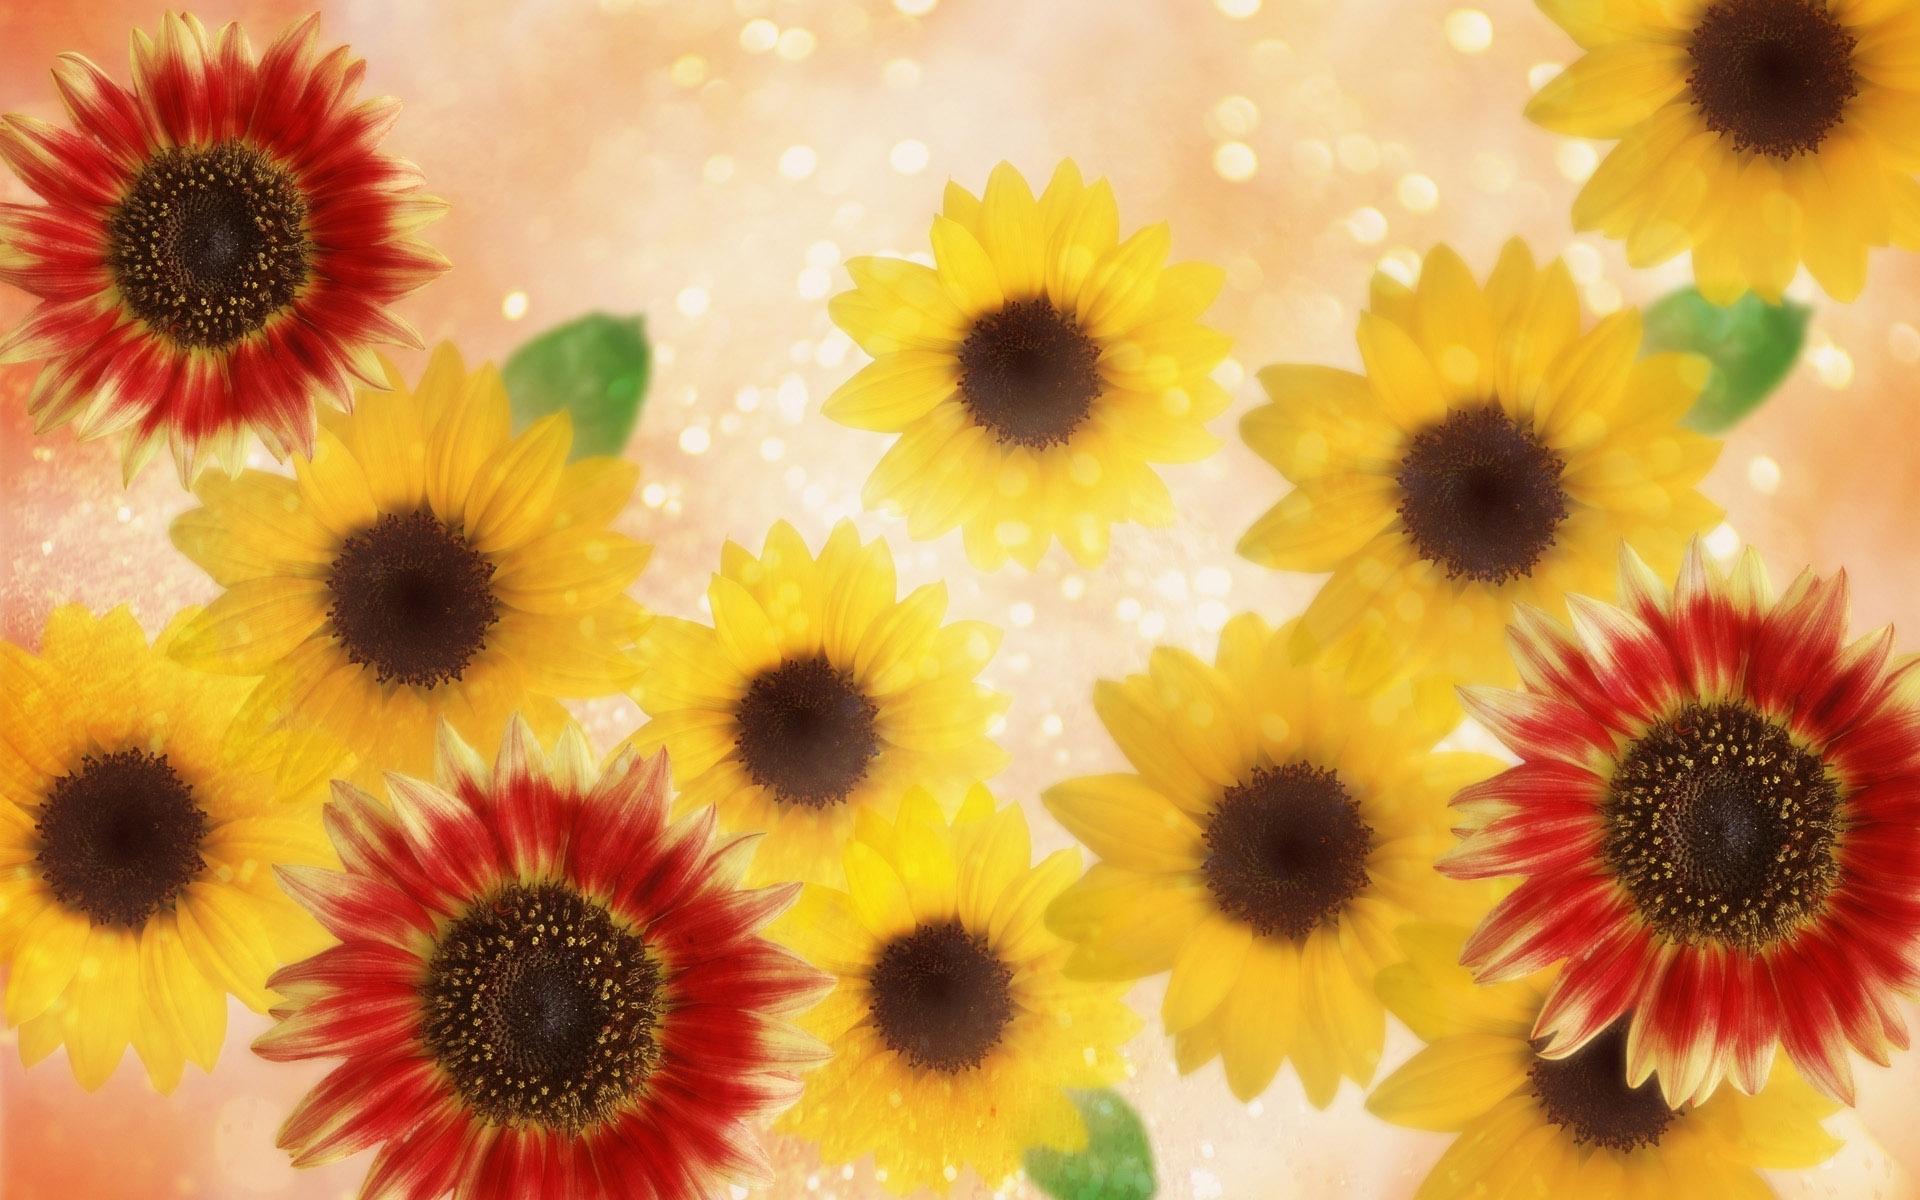 4932 скачать обои Растения, Цветы, Подсолнухи - заставки и картинки бесплатно